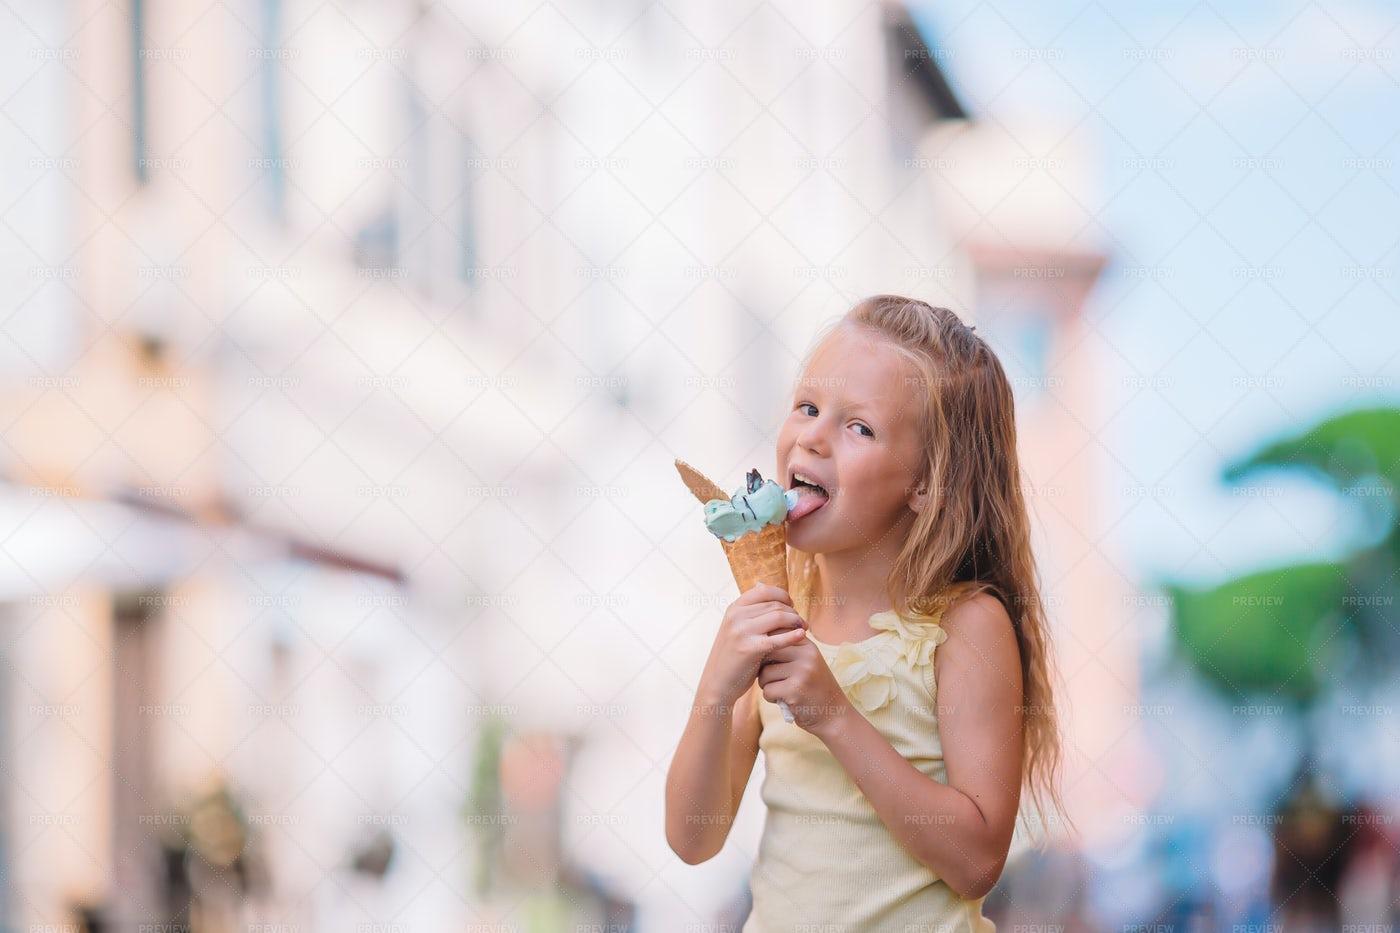 Girl Eating A Gelato Cone: Stock Photos